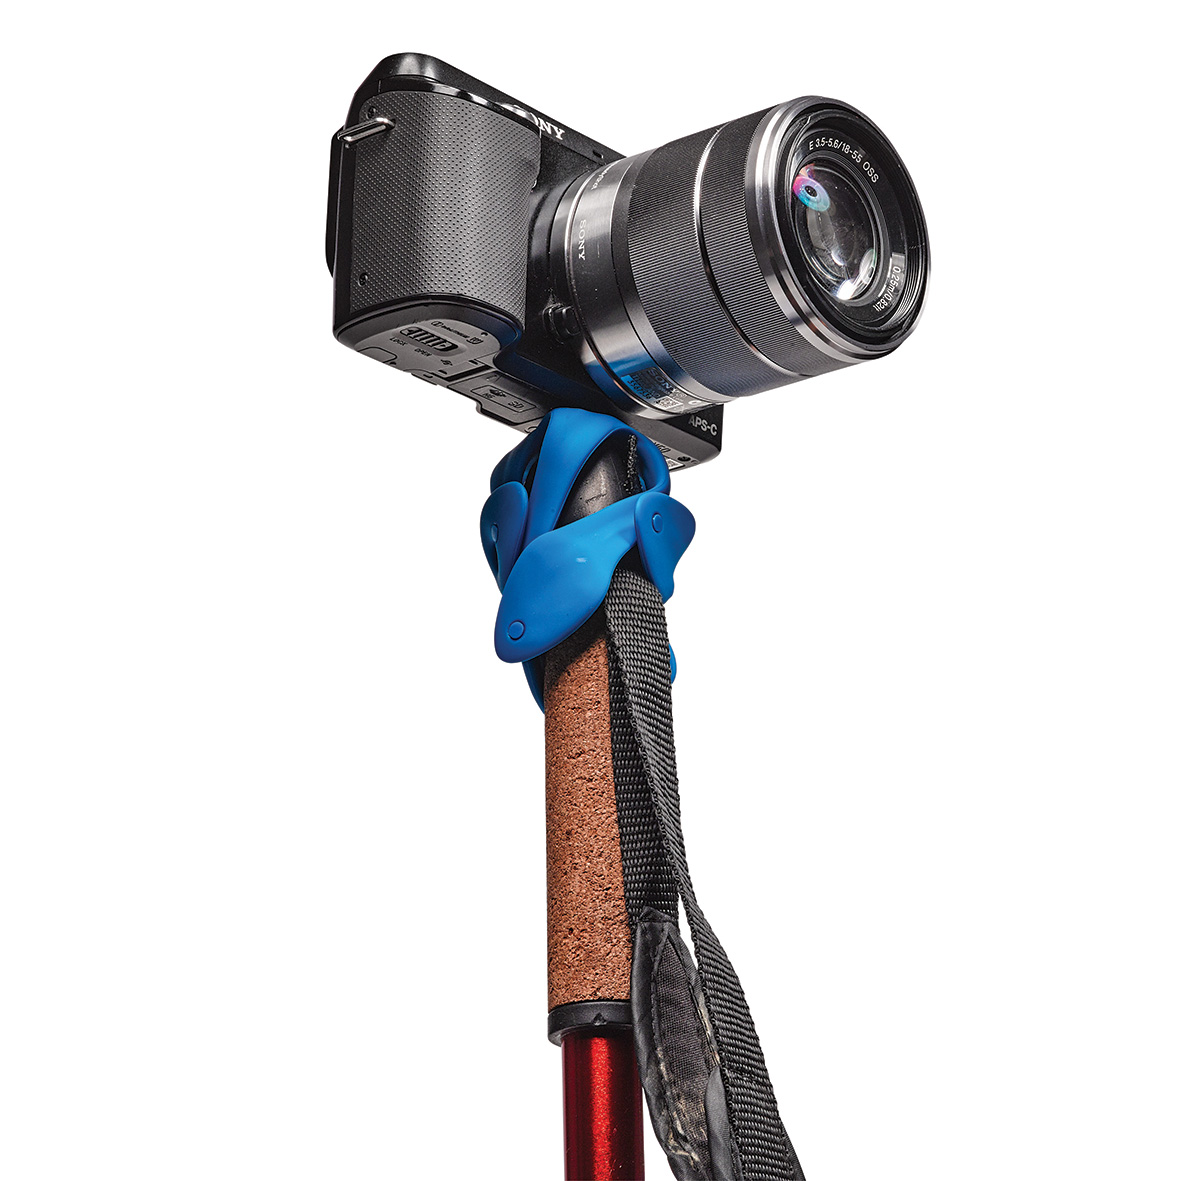 木の枝や手すりに巻きつく、柔軟な5本足でスマホやカメラをどこにでも固定!薄くて、軽くて、コンパクトなスマホ&カメラ用スタンド| miggo